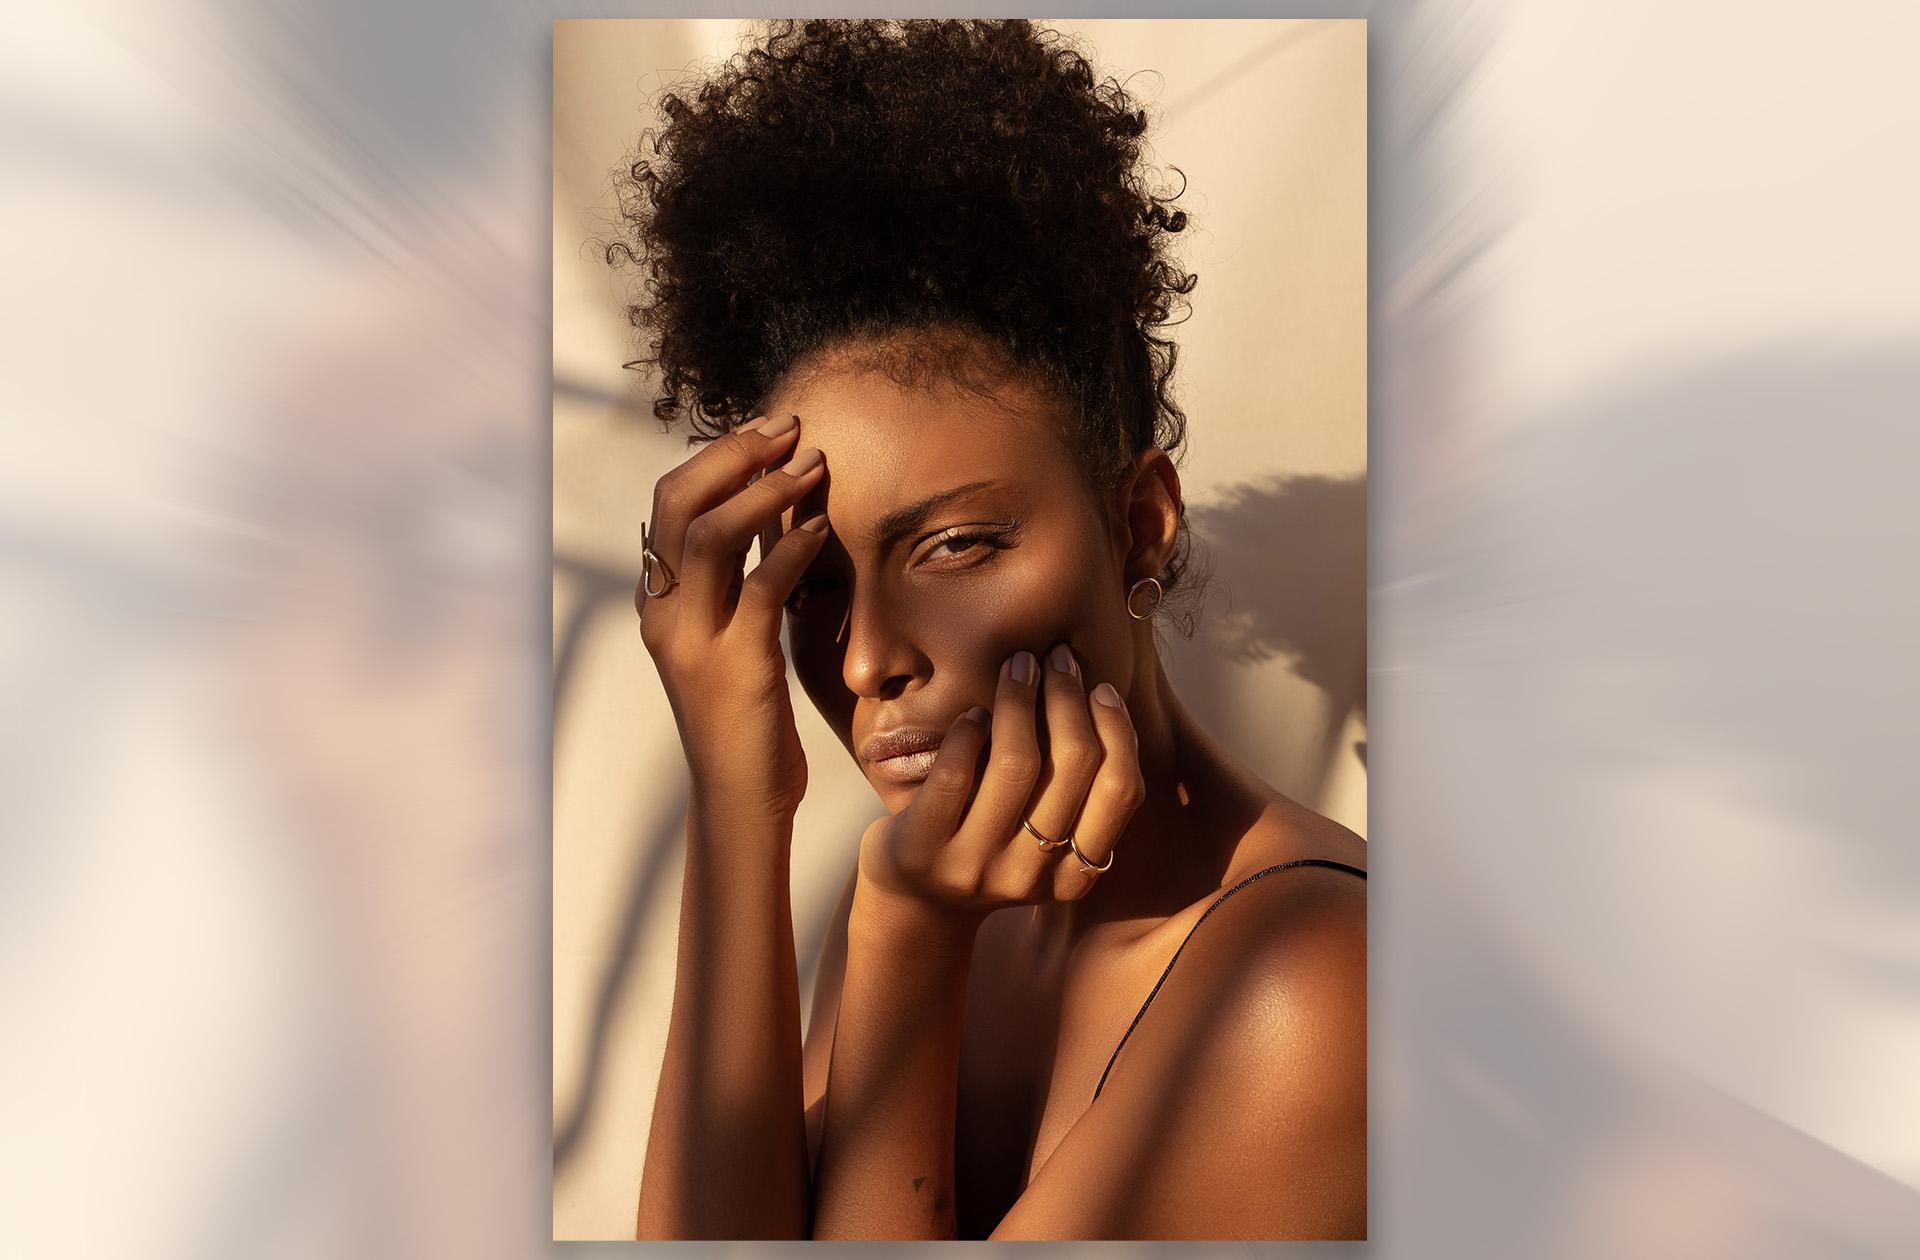 Des cosmétiques suspectés d'accroître le risque d'endométriose ? C'est quoi encore, cette histoire ?